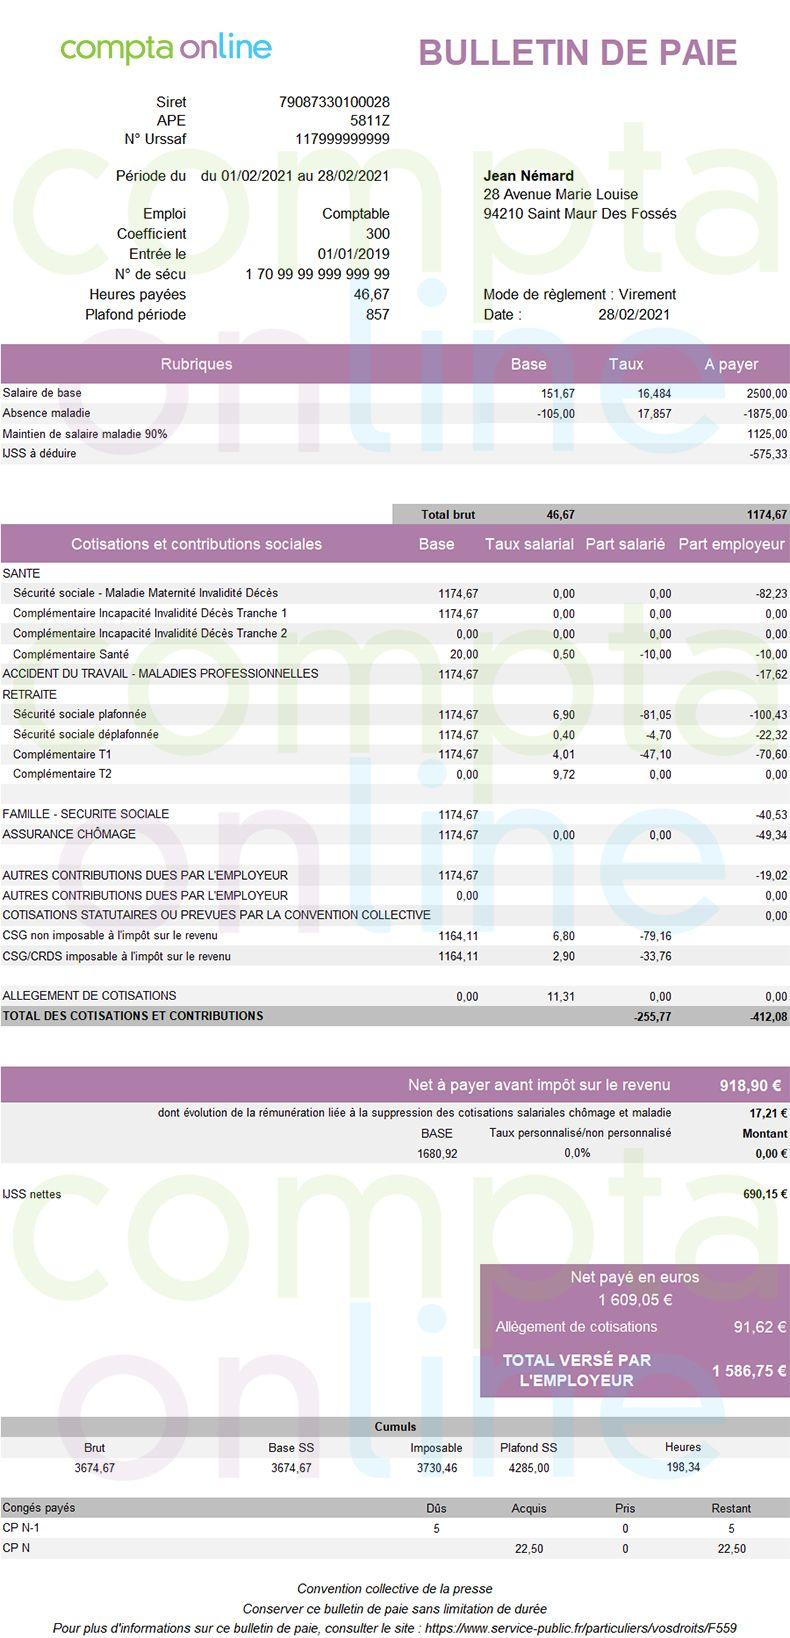 Fiche de paie 2021 avec absence maladie et maintien de salaire légal